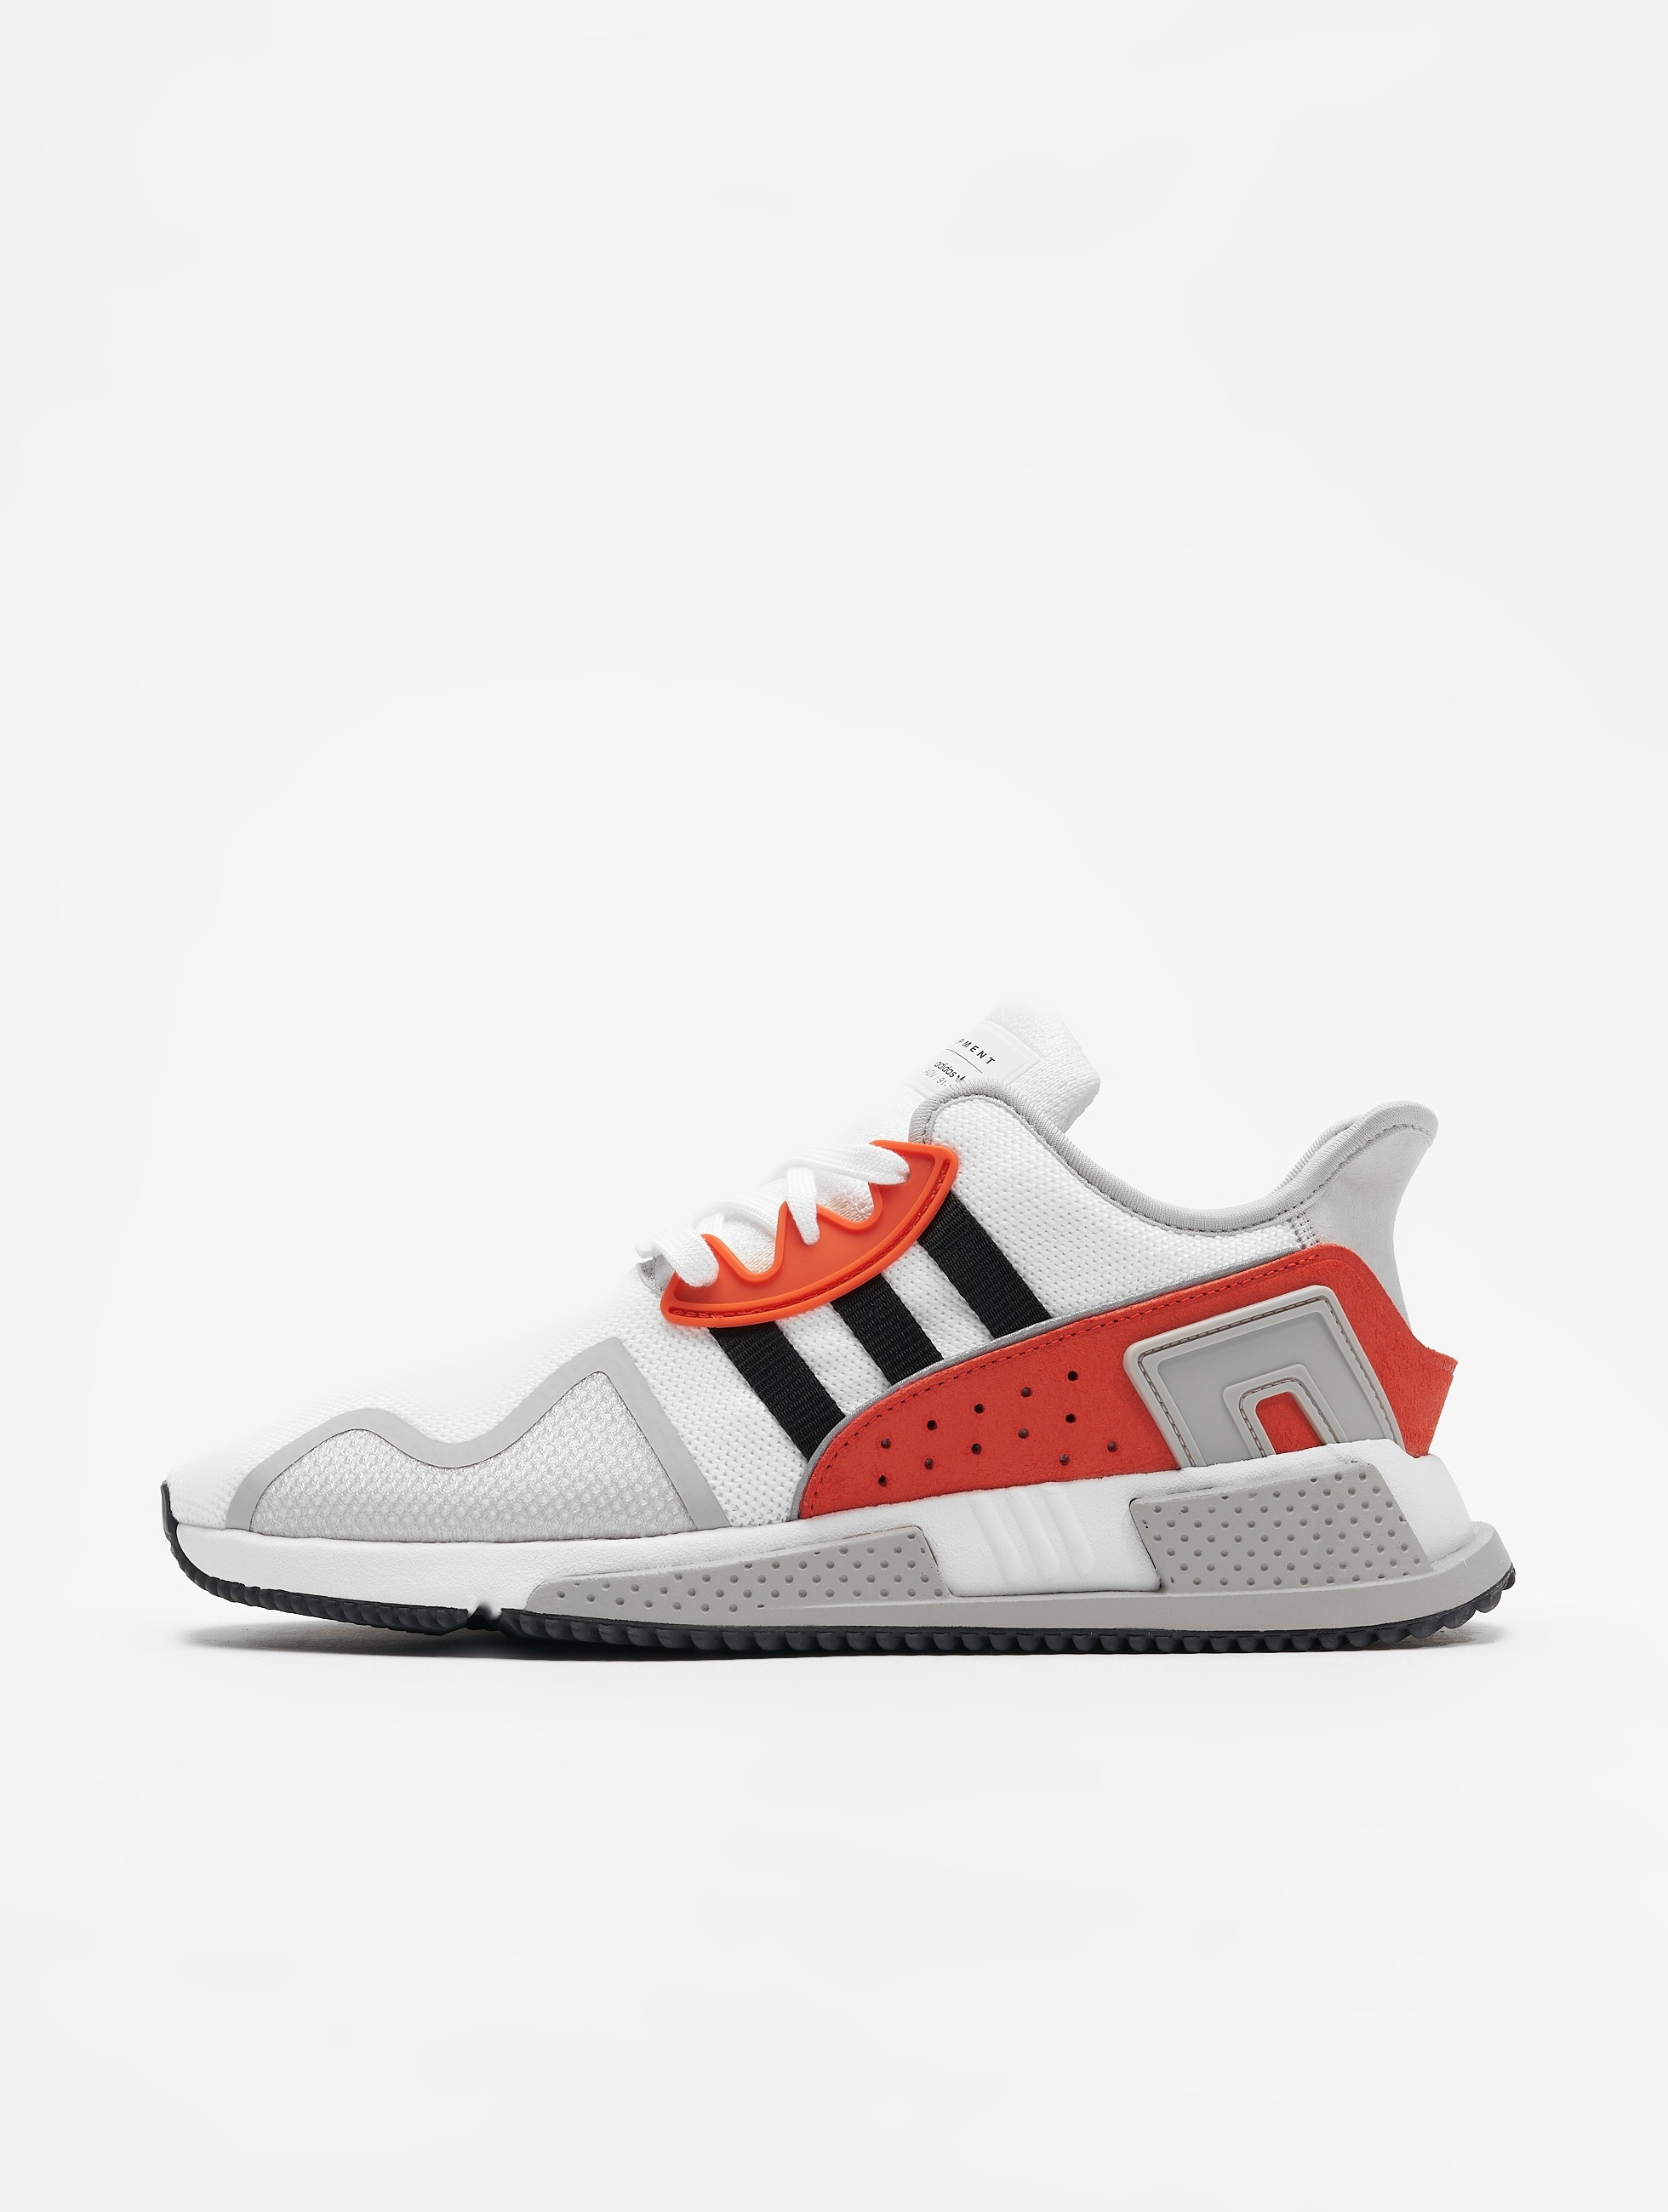 Adidas Chaussures Baskets Adv Originals Cushion Eqt Homme PxrP7OwqH